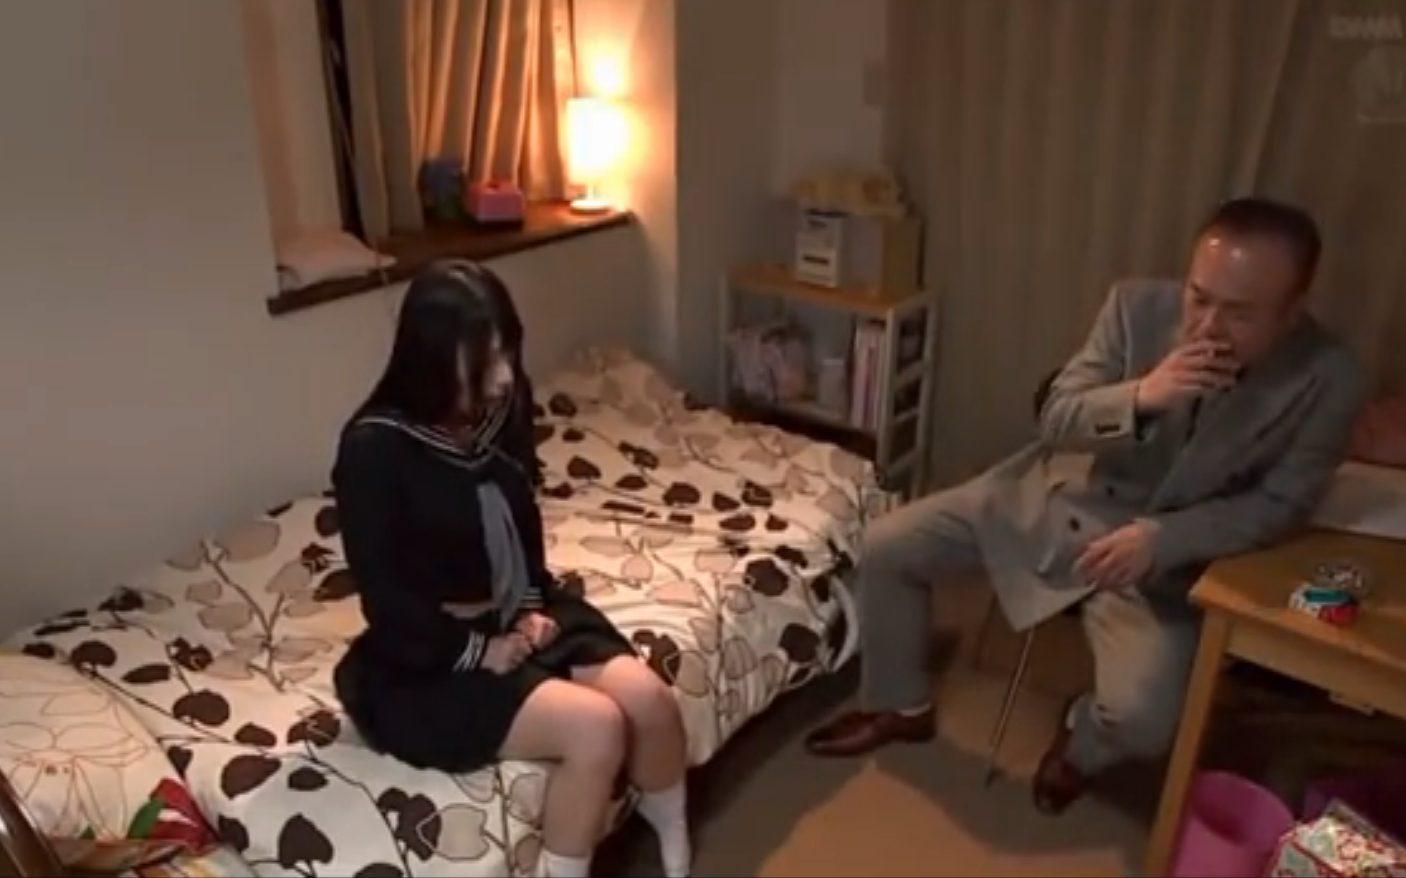 【上原亜衣】黒髪JKが借金取りにのレイプの餌食に!泣いても許されず無理やり中出し…!